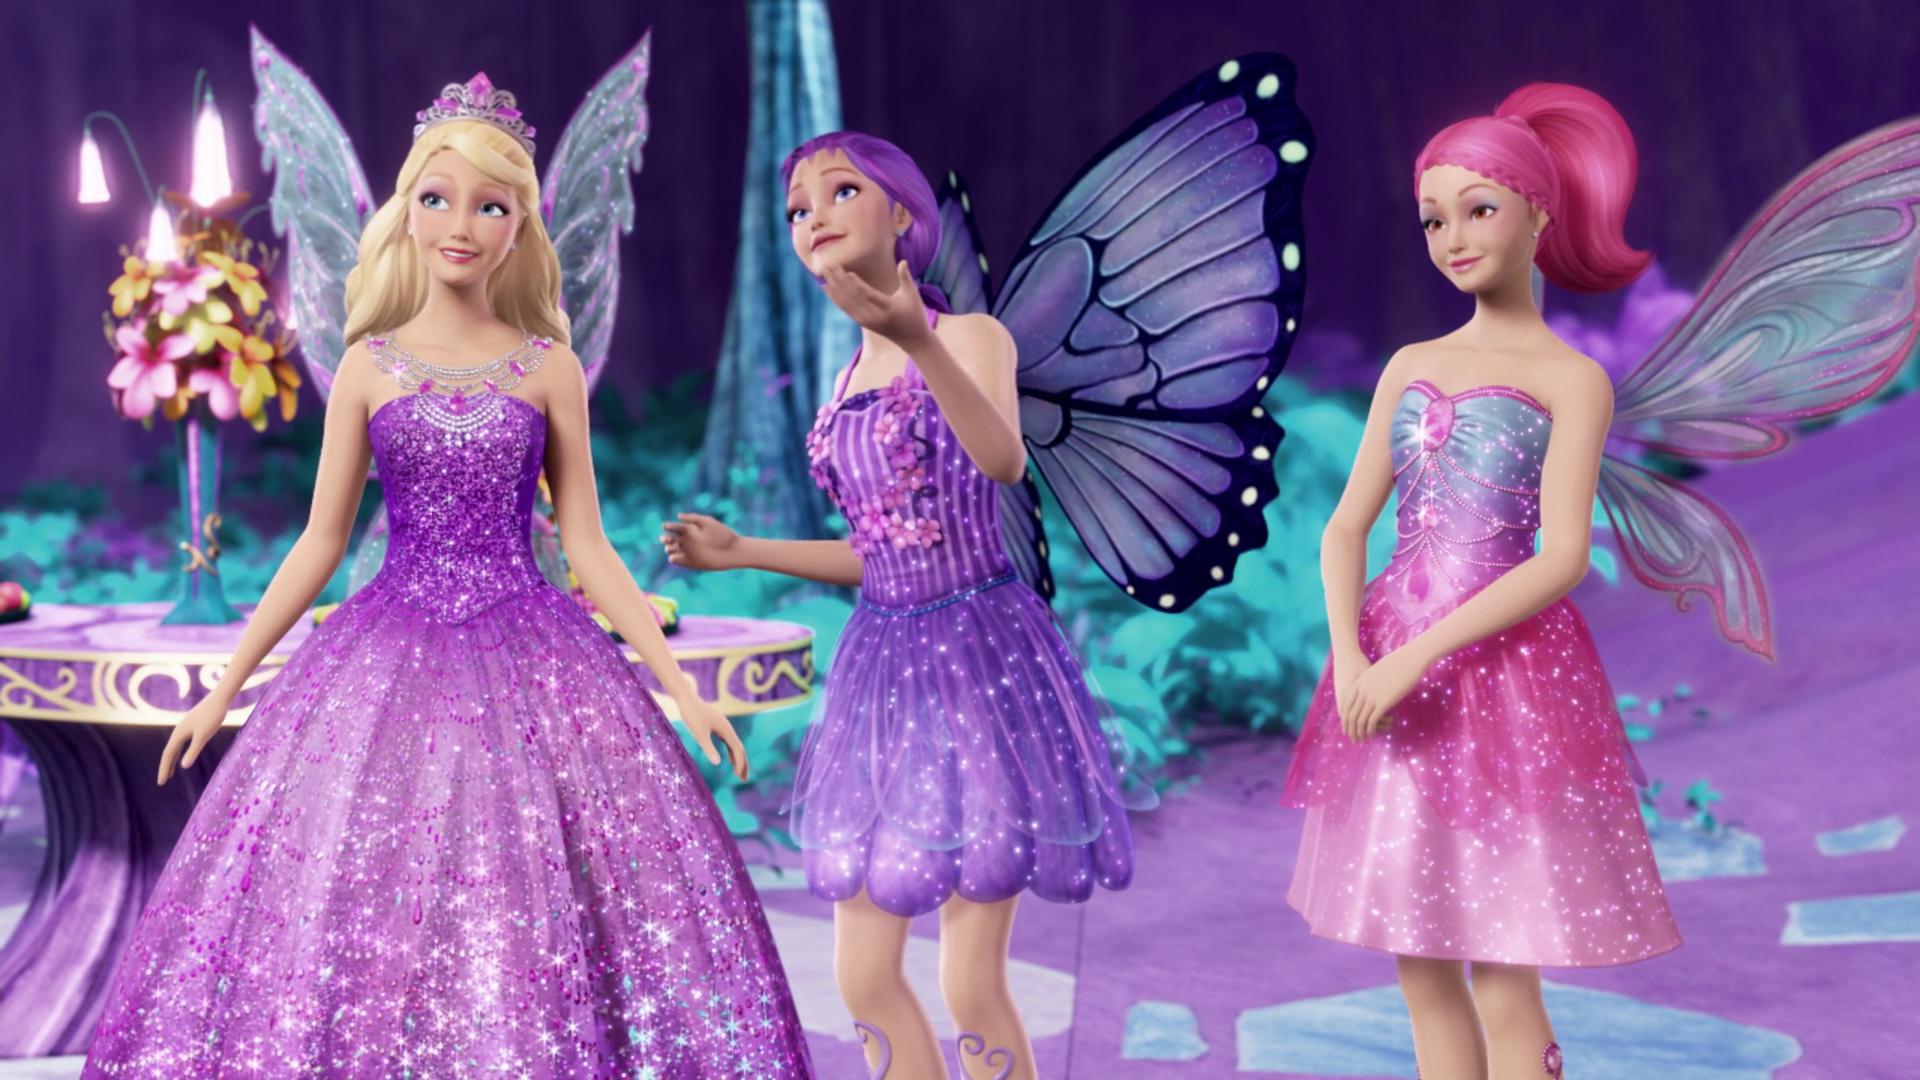 Cute Little Dolls Wallpapers Free Desktop Barbie Wallpaper Pixelstalk Net